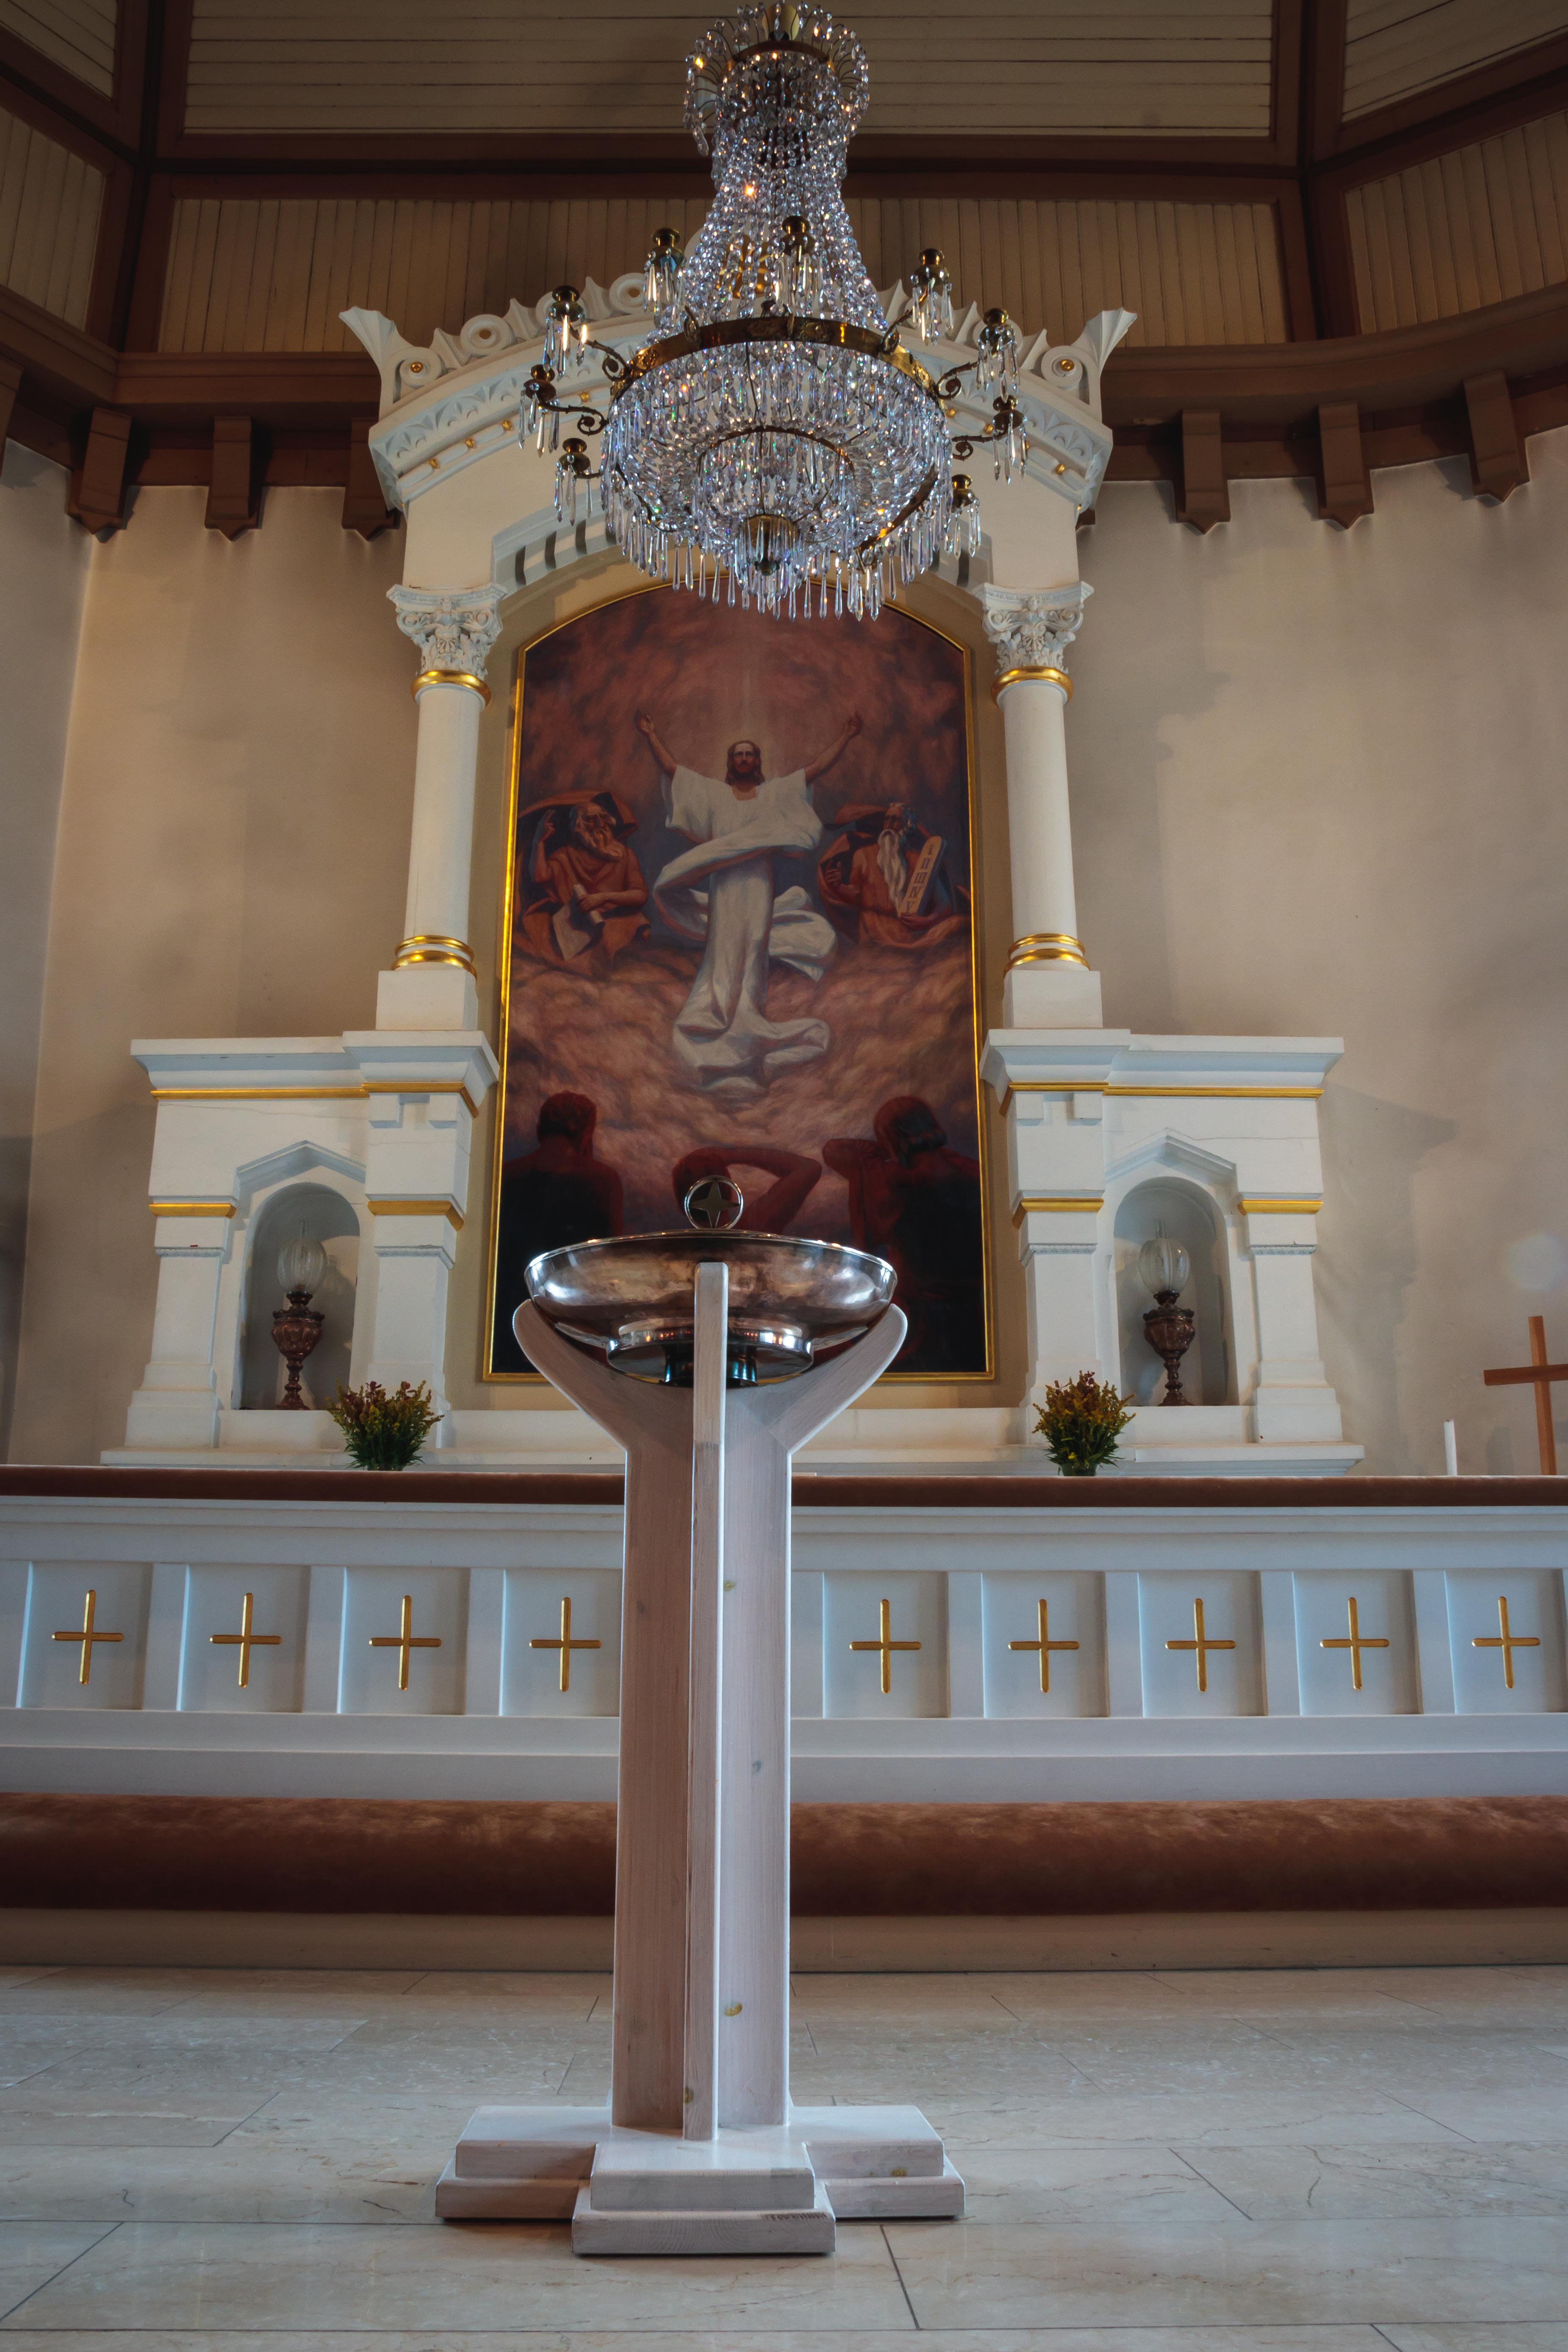 Pyhän jaakon kirkko, renko, finland photo